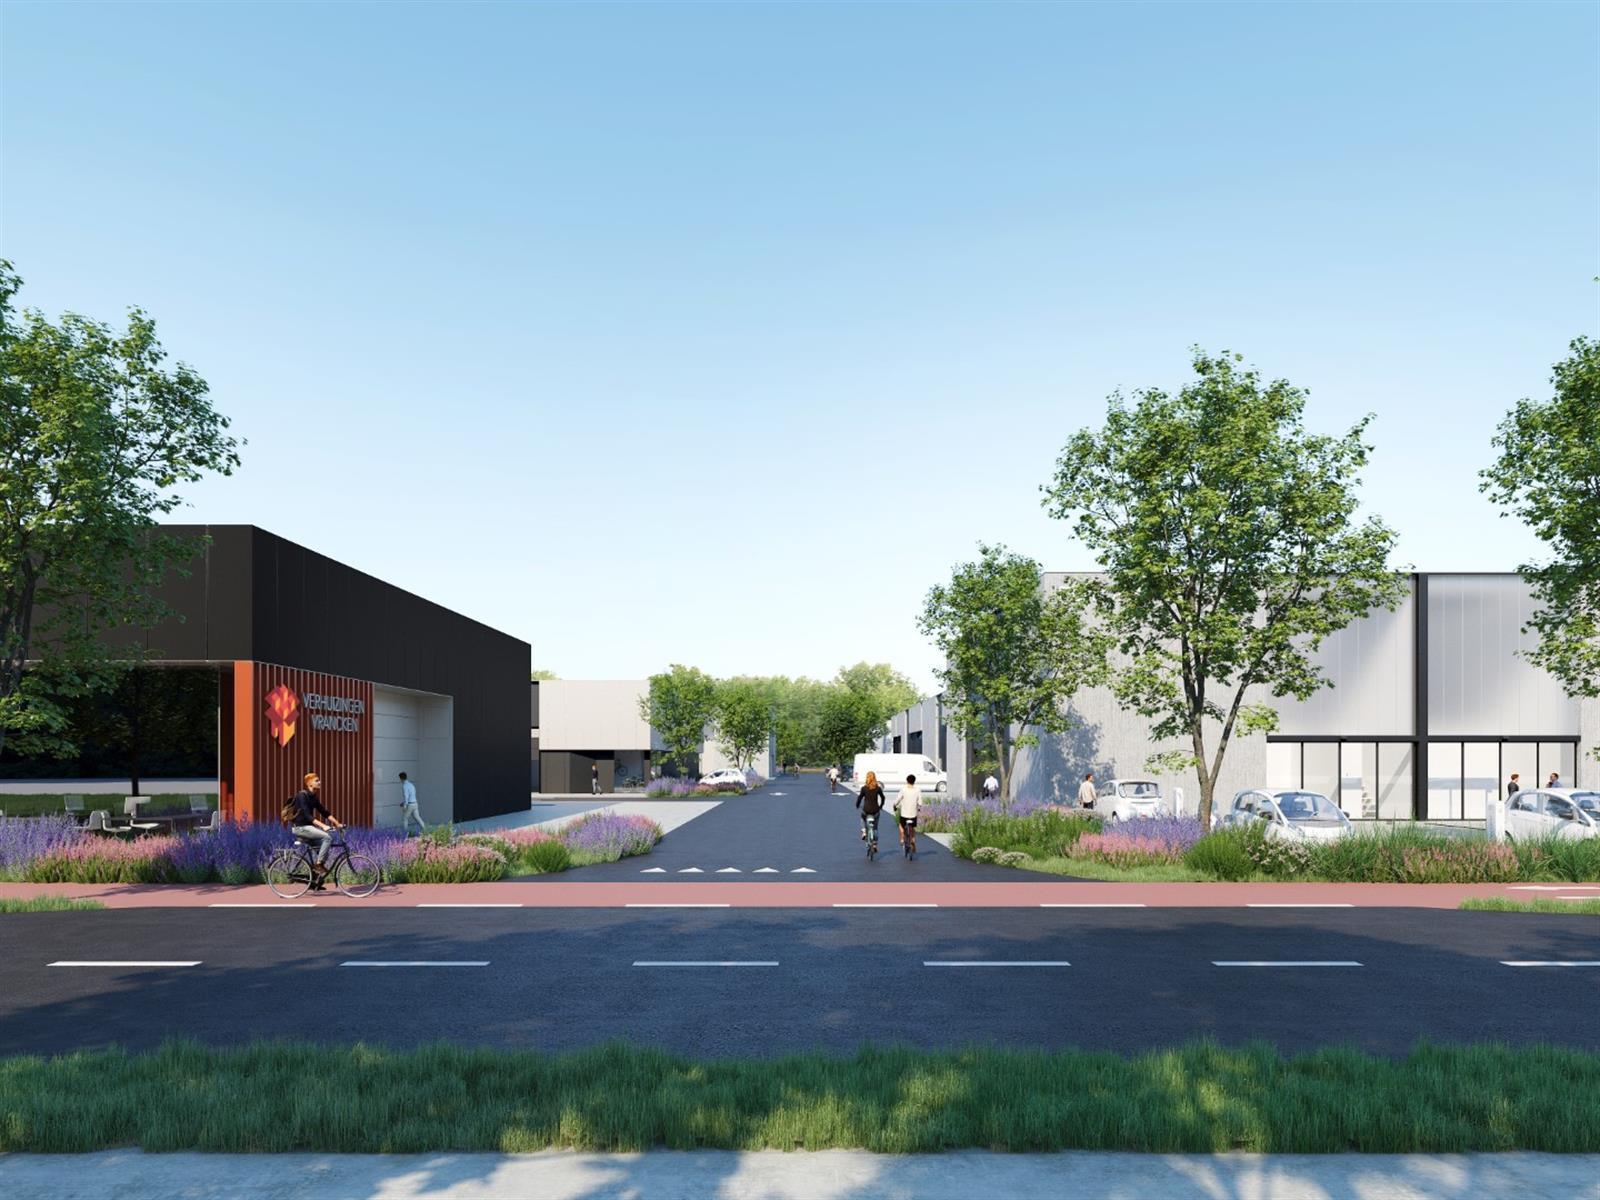 KMO-unit te koop Heros Businesspark KMO Unit 3 - Herkenrodesingel 10, 3500 Hasselt, België 1